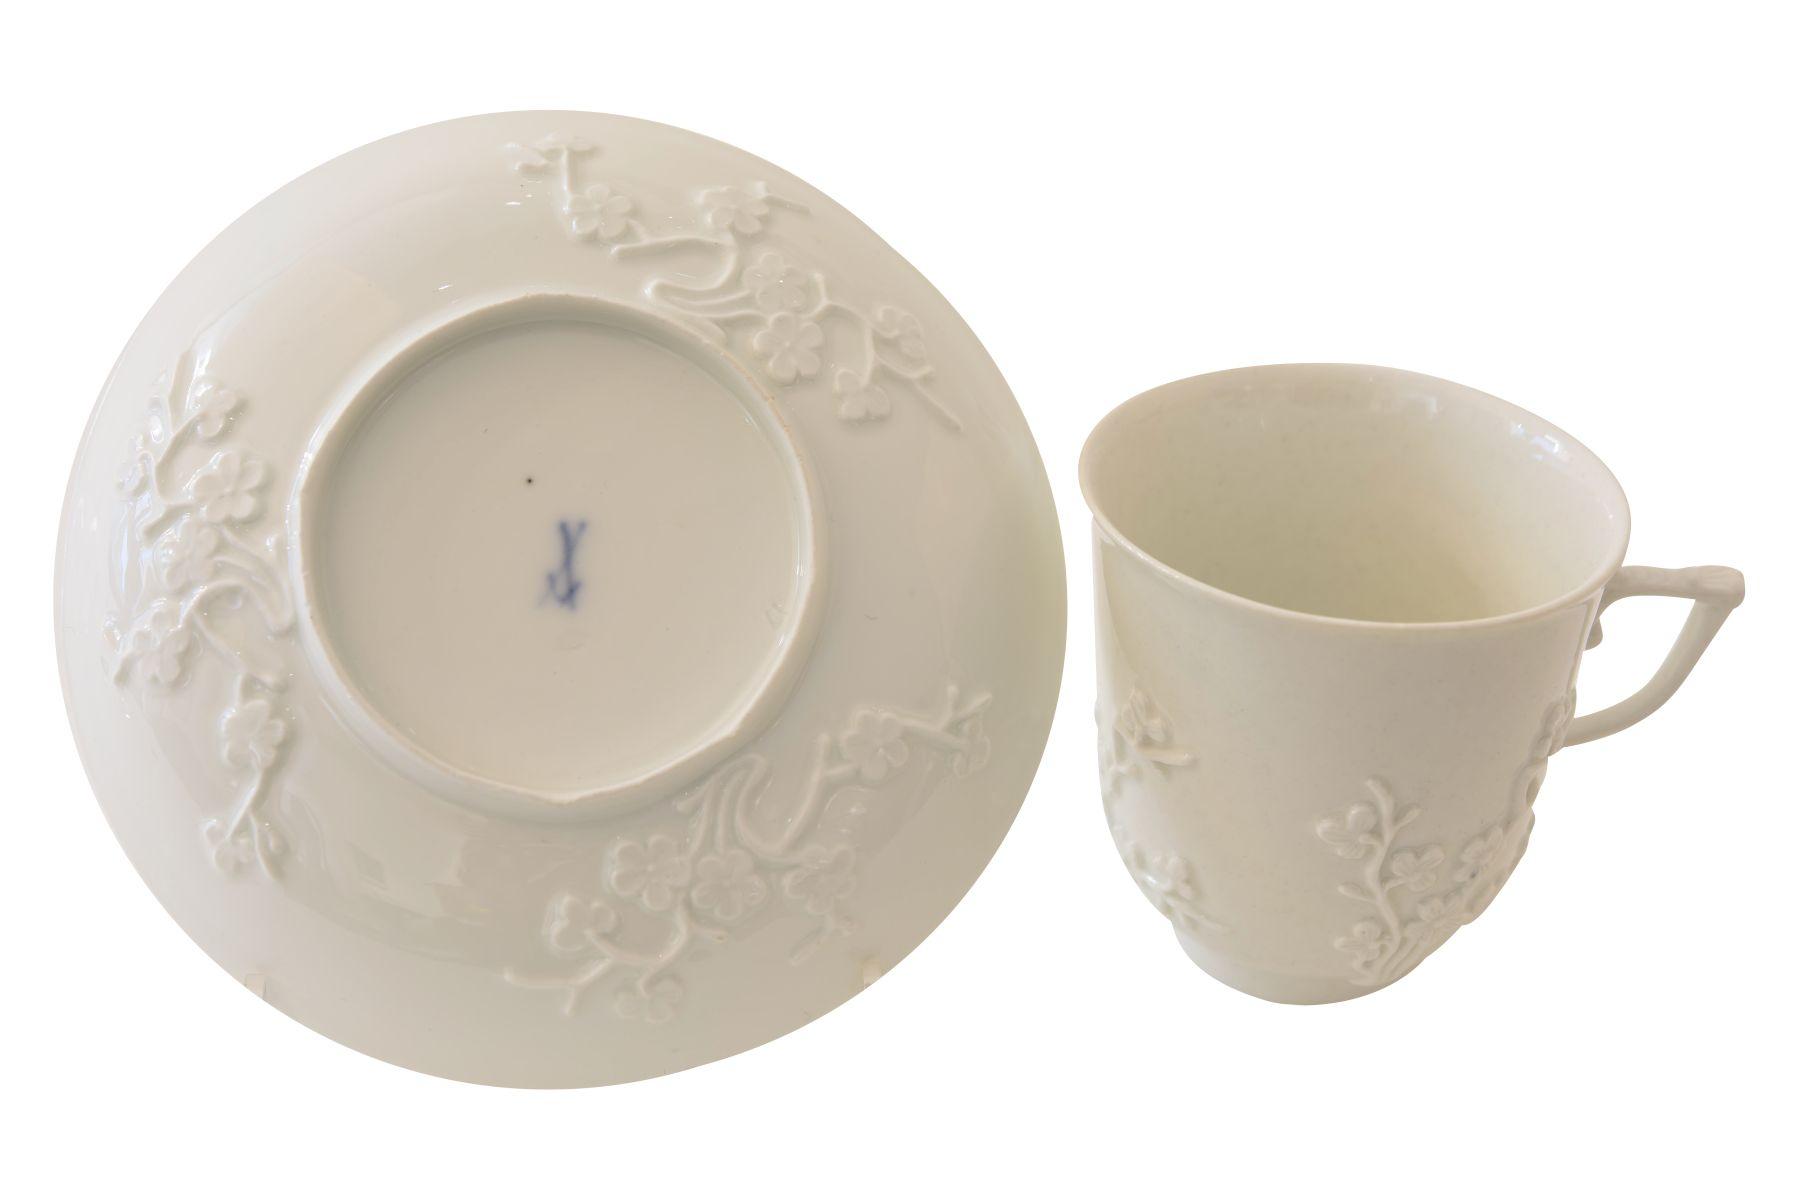 25 teiliges Kaffee- und Teeservice Meissen 18. Jahrhundert - Bild 5 aus 16